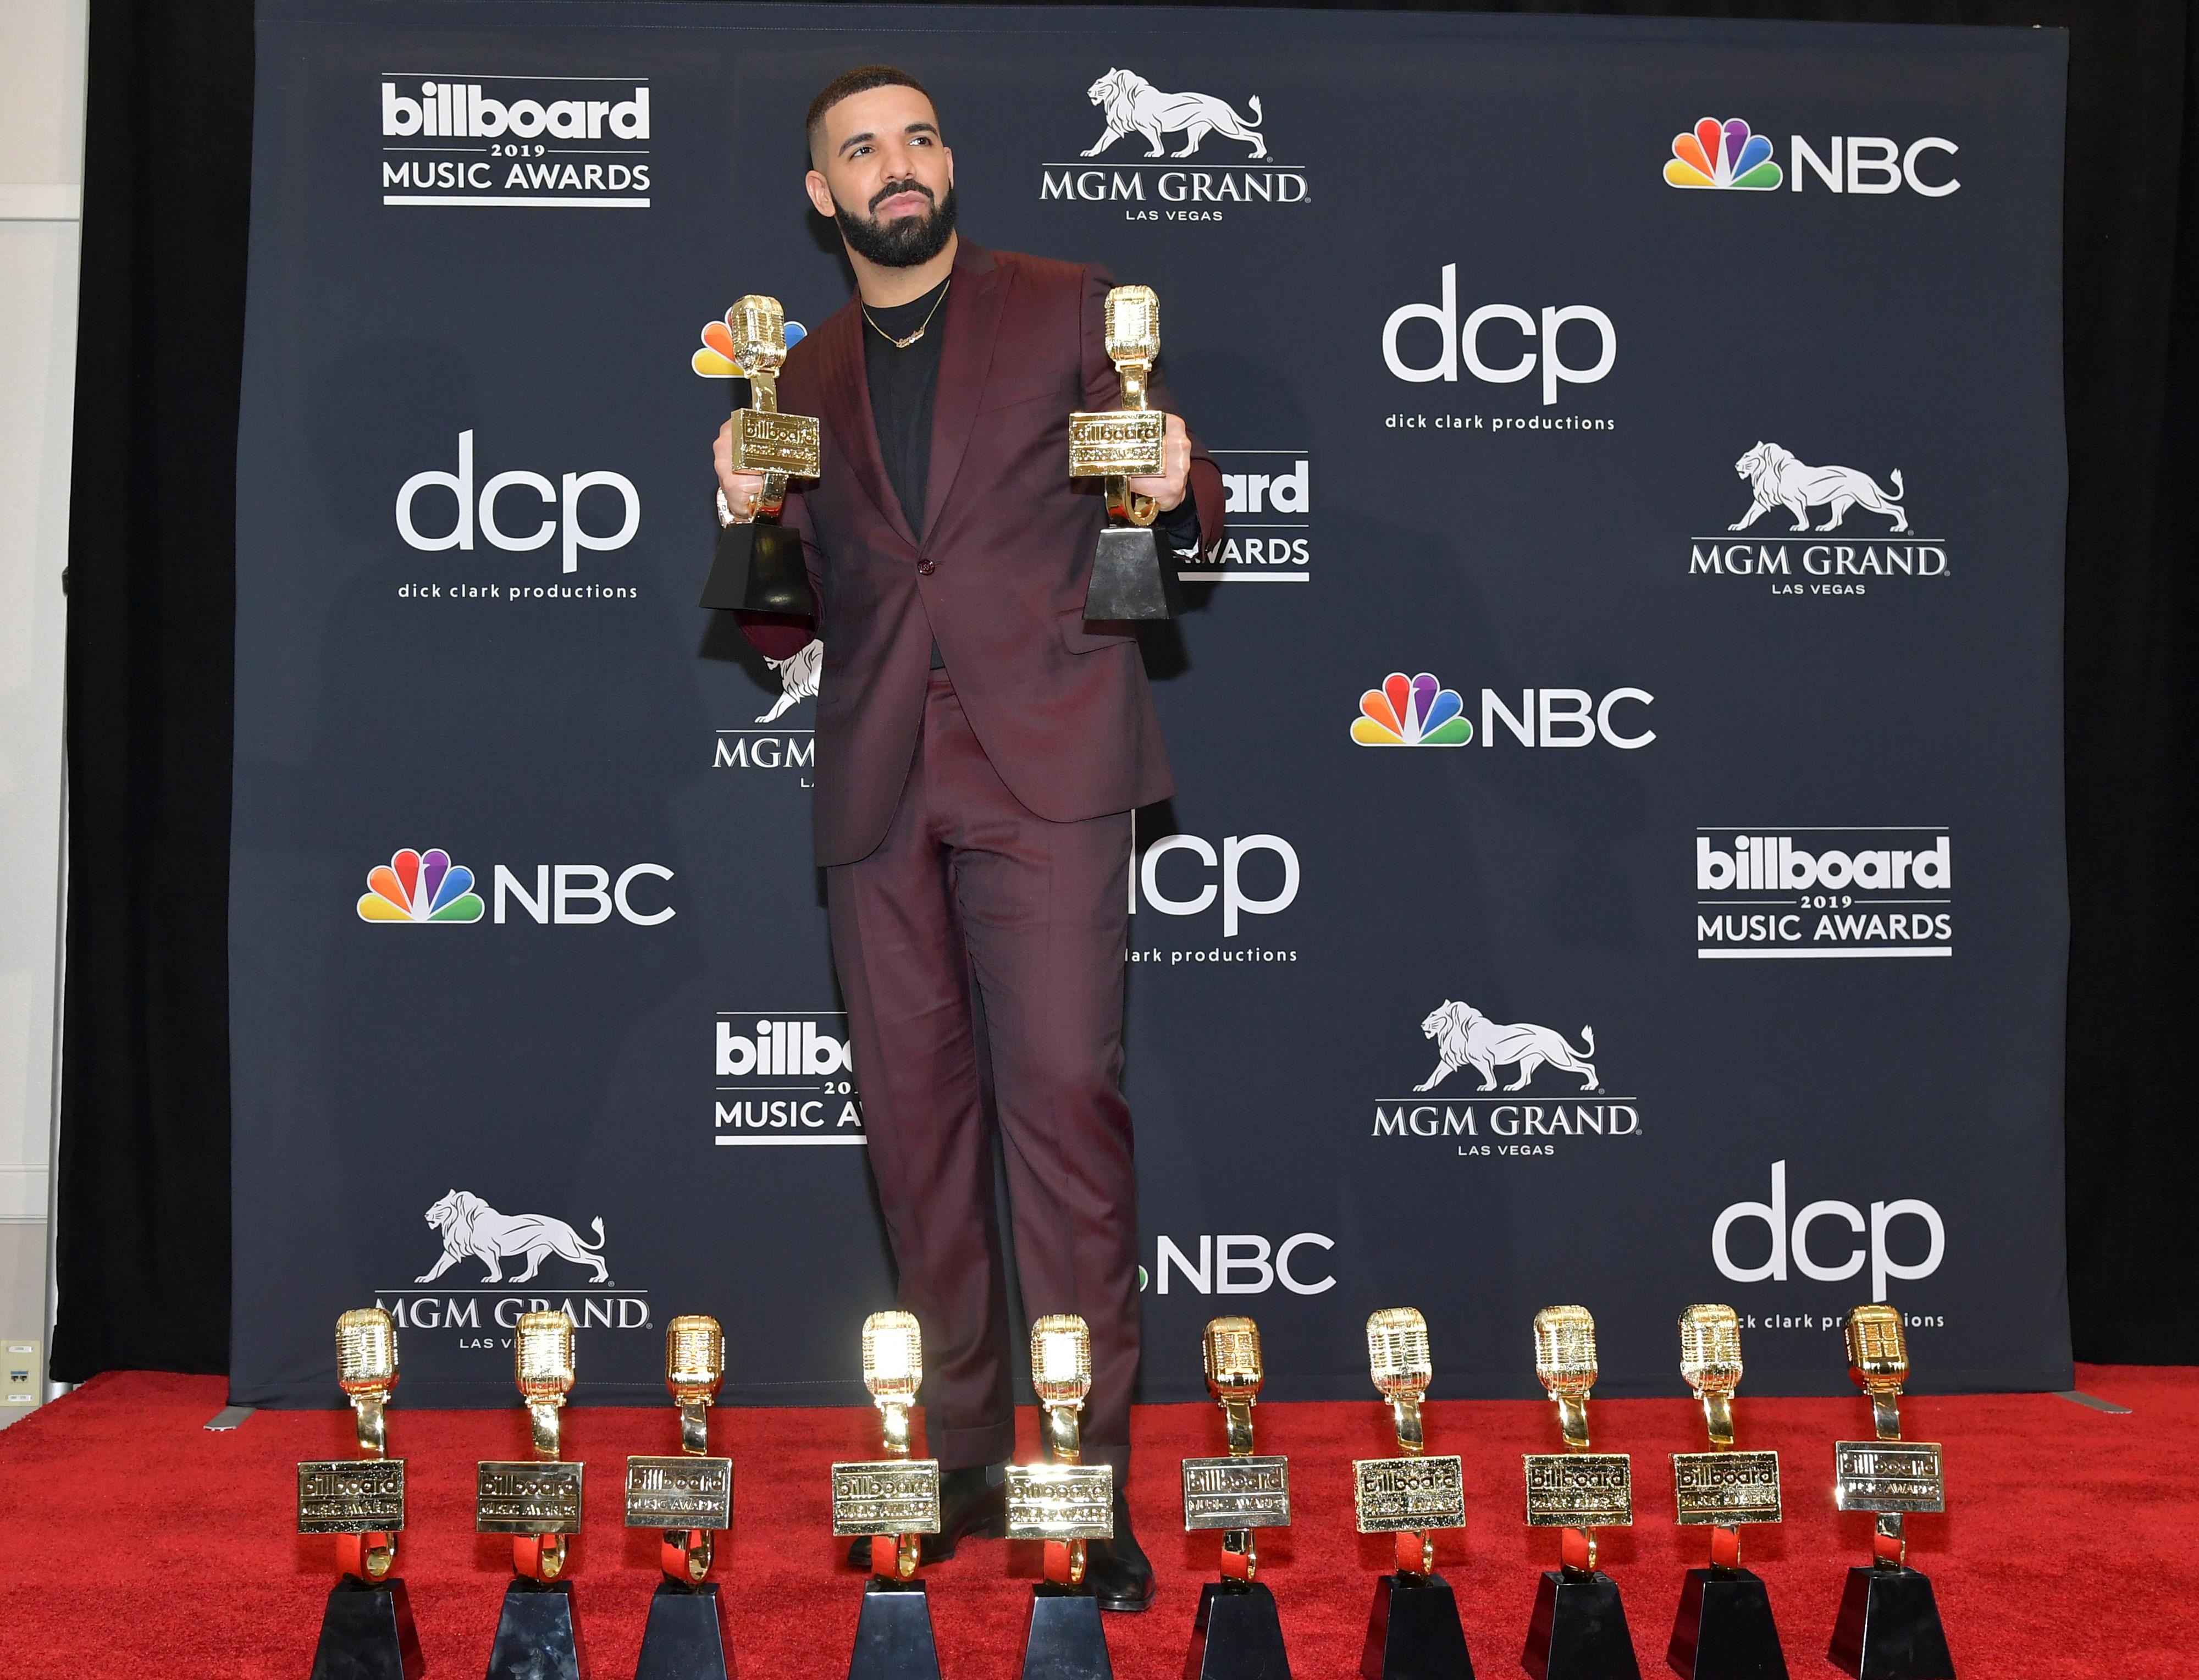 """Рапърът Дрейк спечели наградата сп. """"Билборд"""" за изпълнител на годината, както и наградата Билборд 200 за албума си Scorpion."""